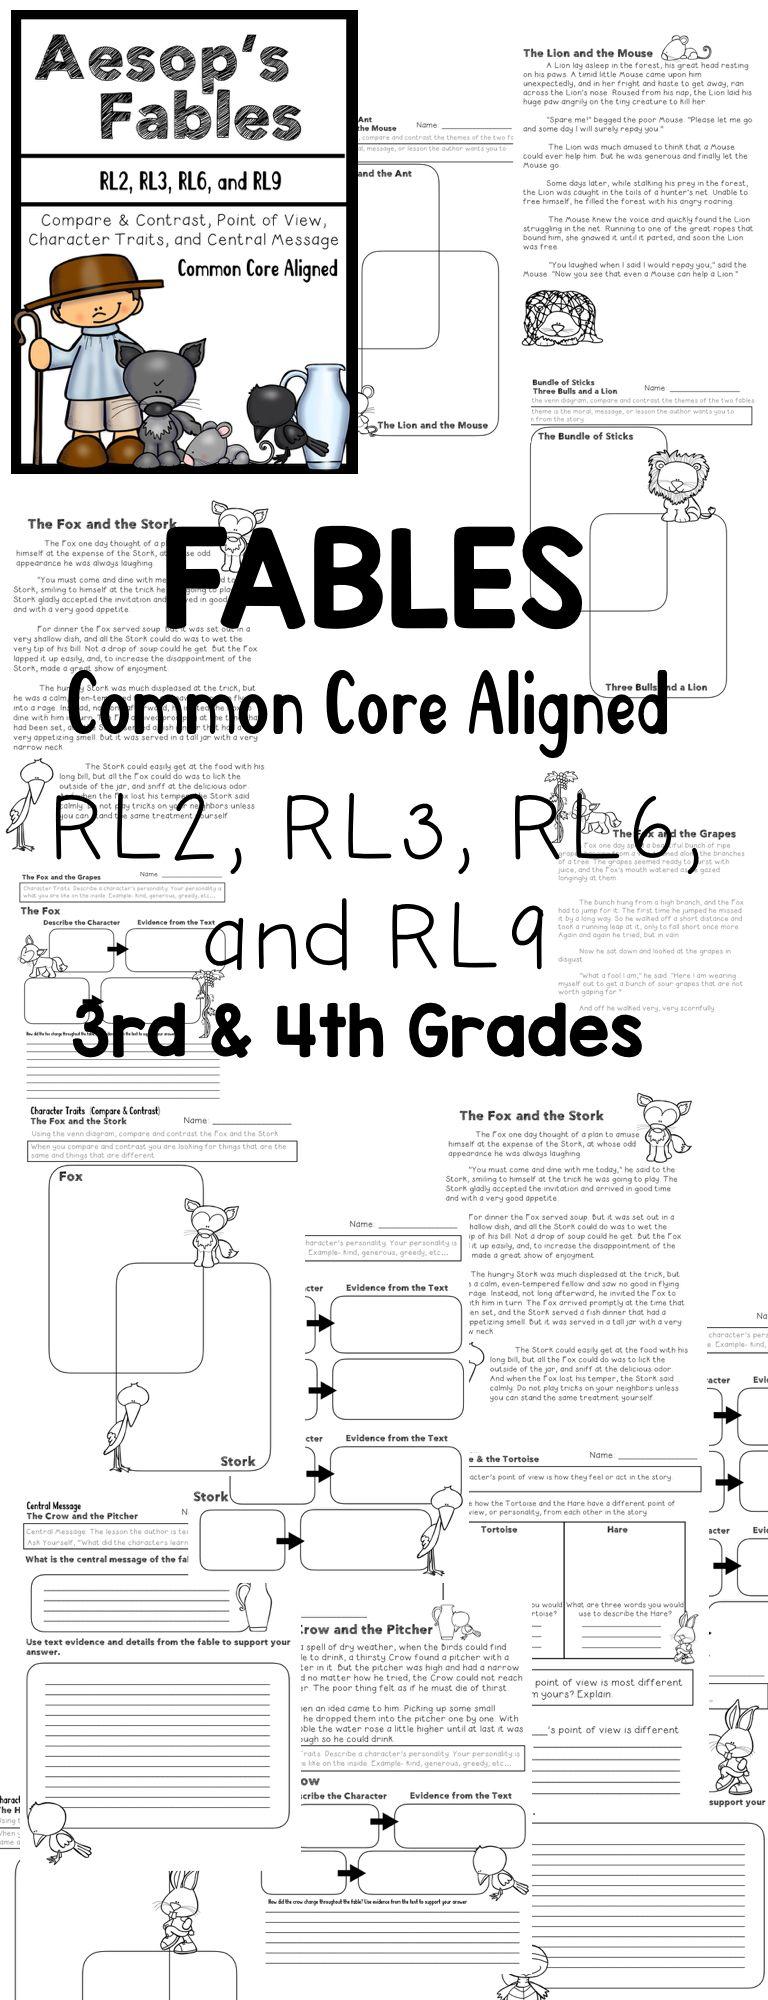 Fables {Common Core Aligned} Compare & Contrast, Central